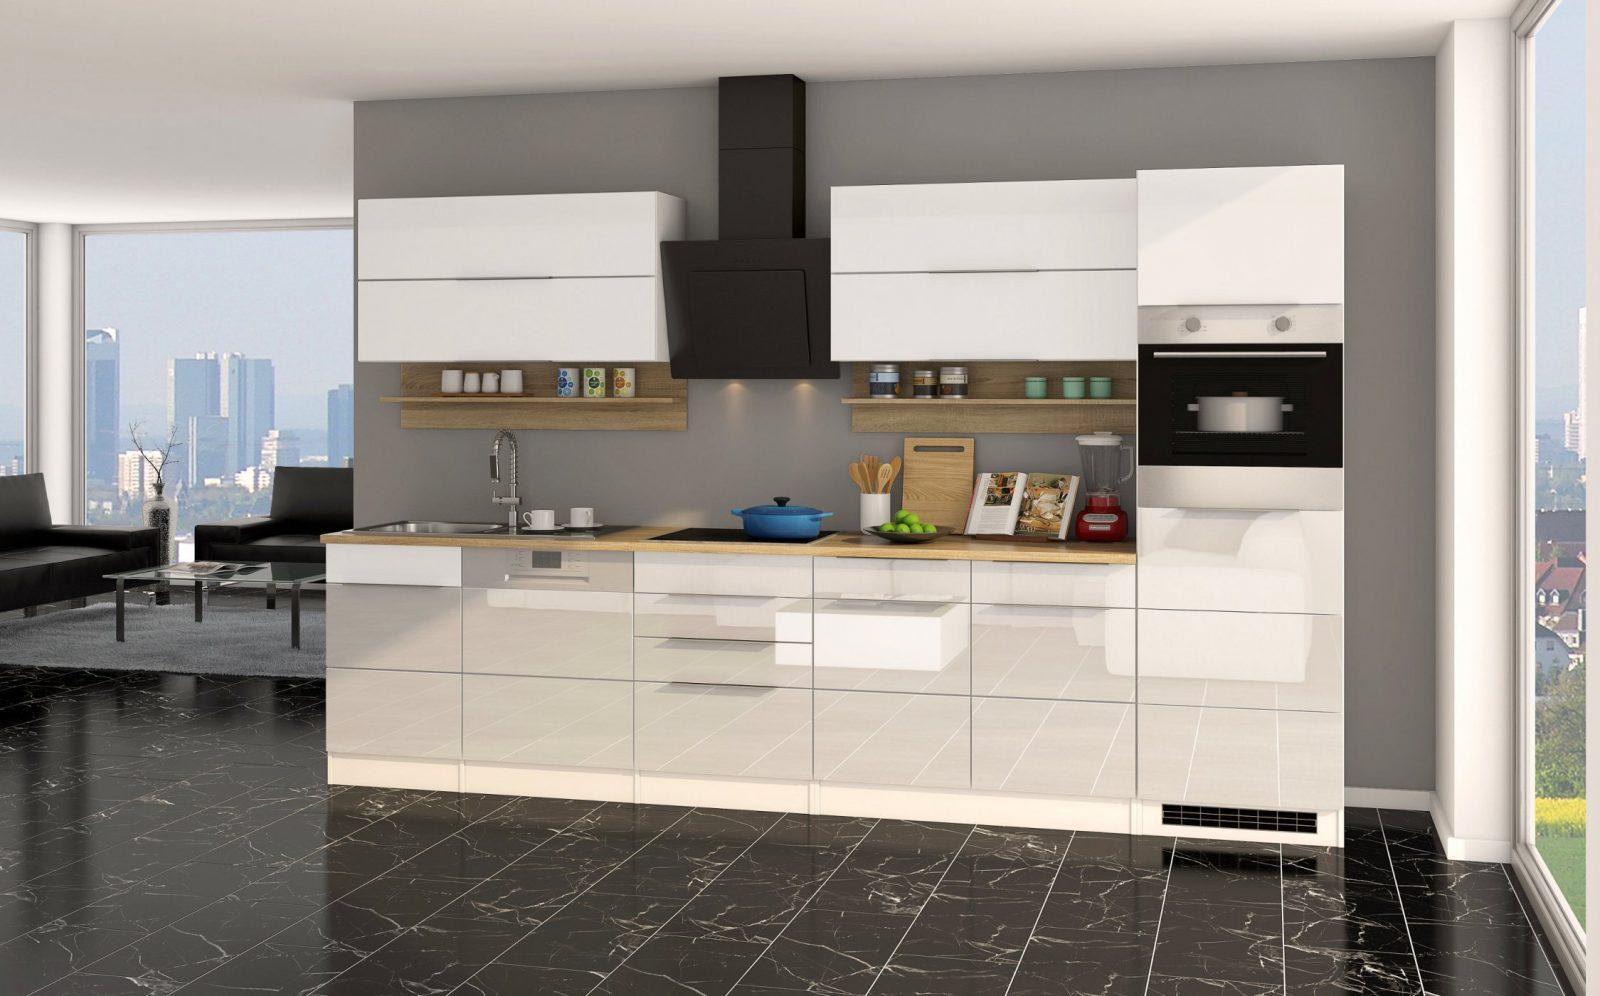 Küchenzeile Hamburg  Küche Mit Egeräten  Breite 330 Cm von Küchenzeile Mit Elektrogeräten Ohne Kühlschrank Bild